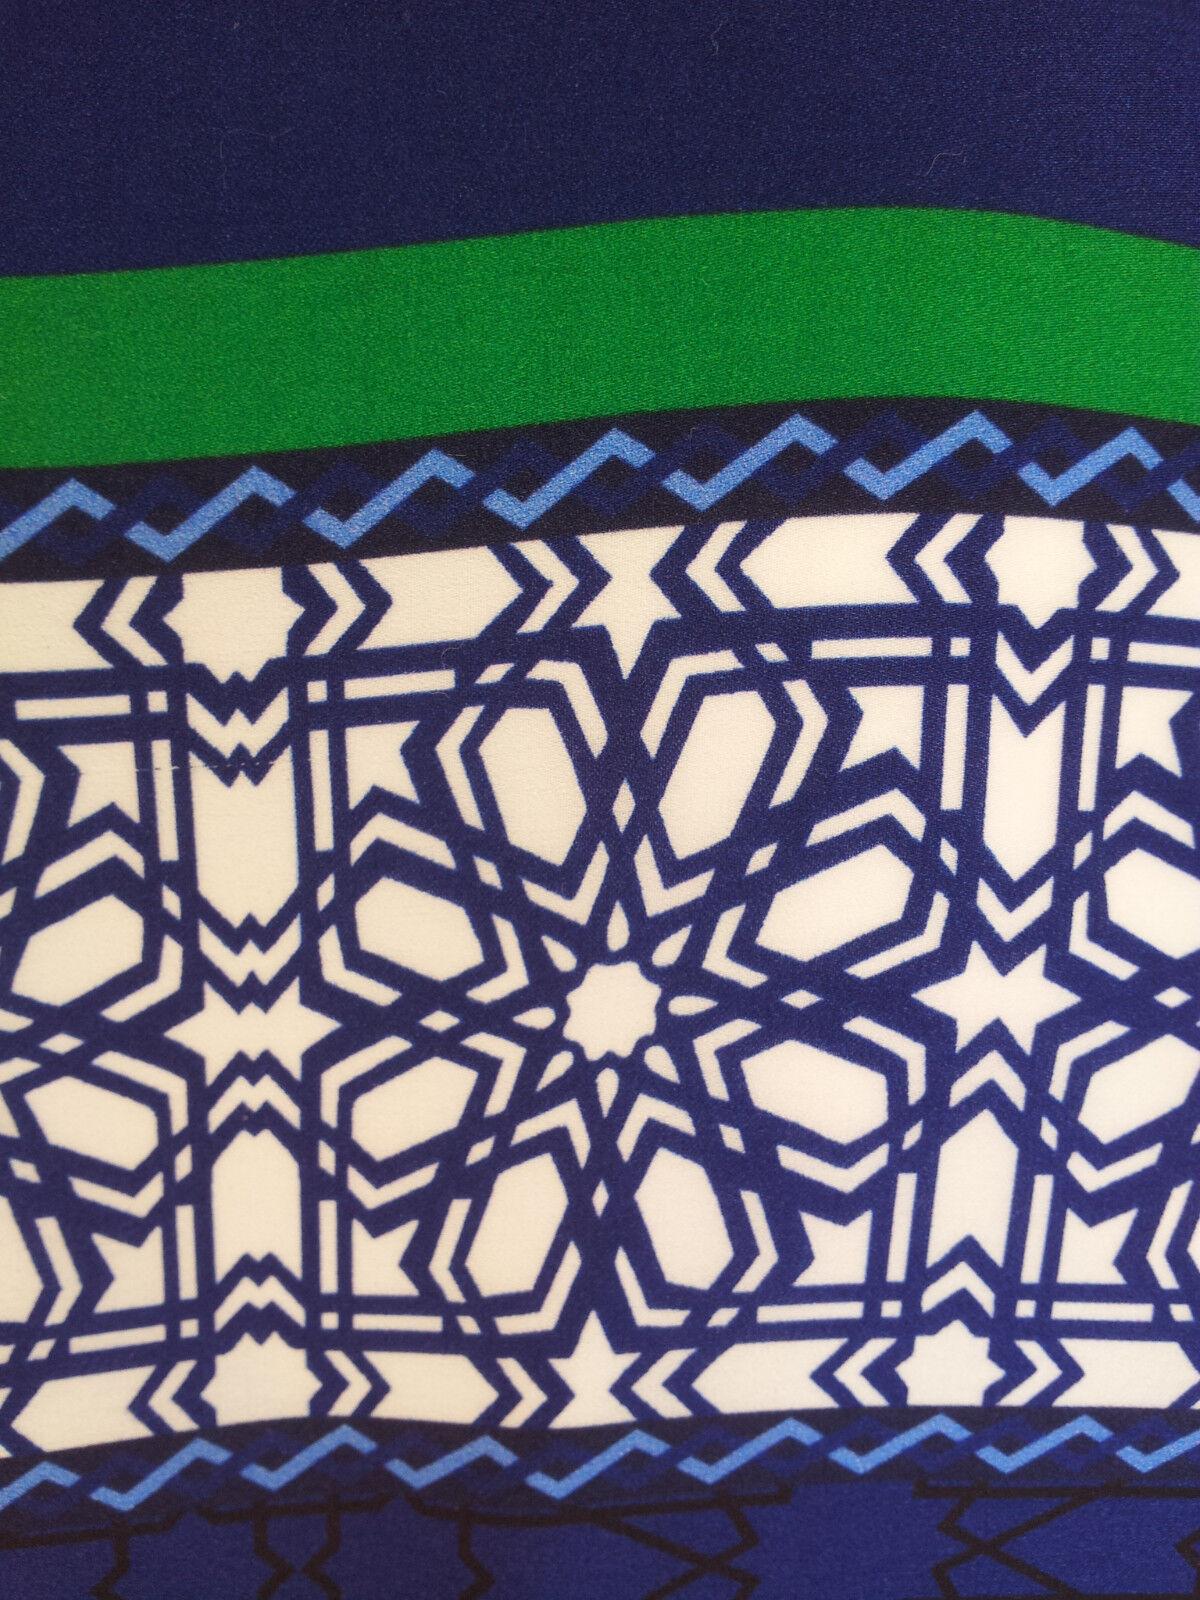 Kleid von schwarzy schwarzy schwarzy Dress Berlin. NP 189 -  9efff2